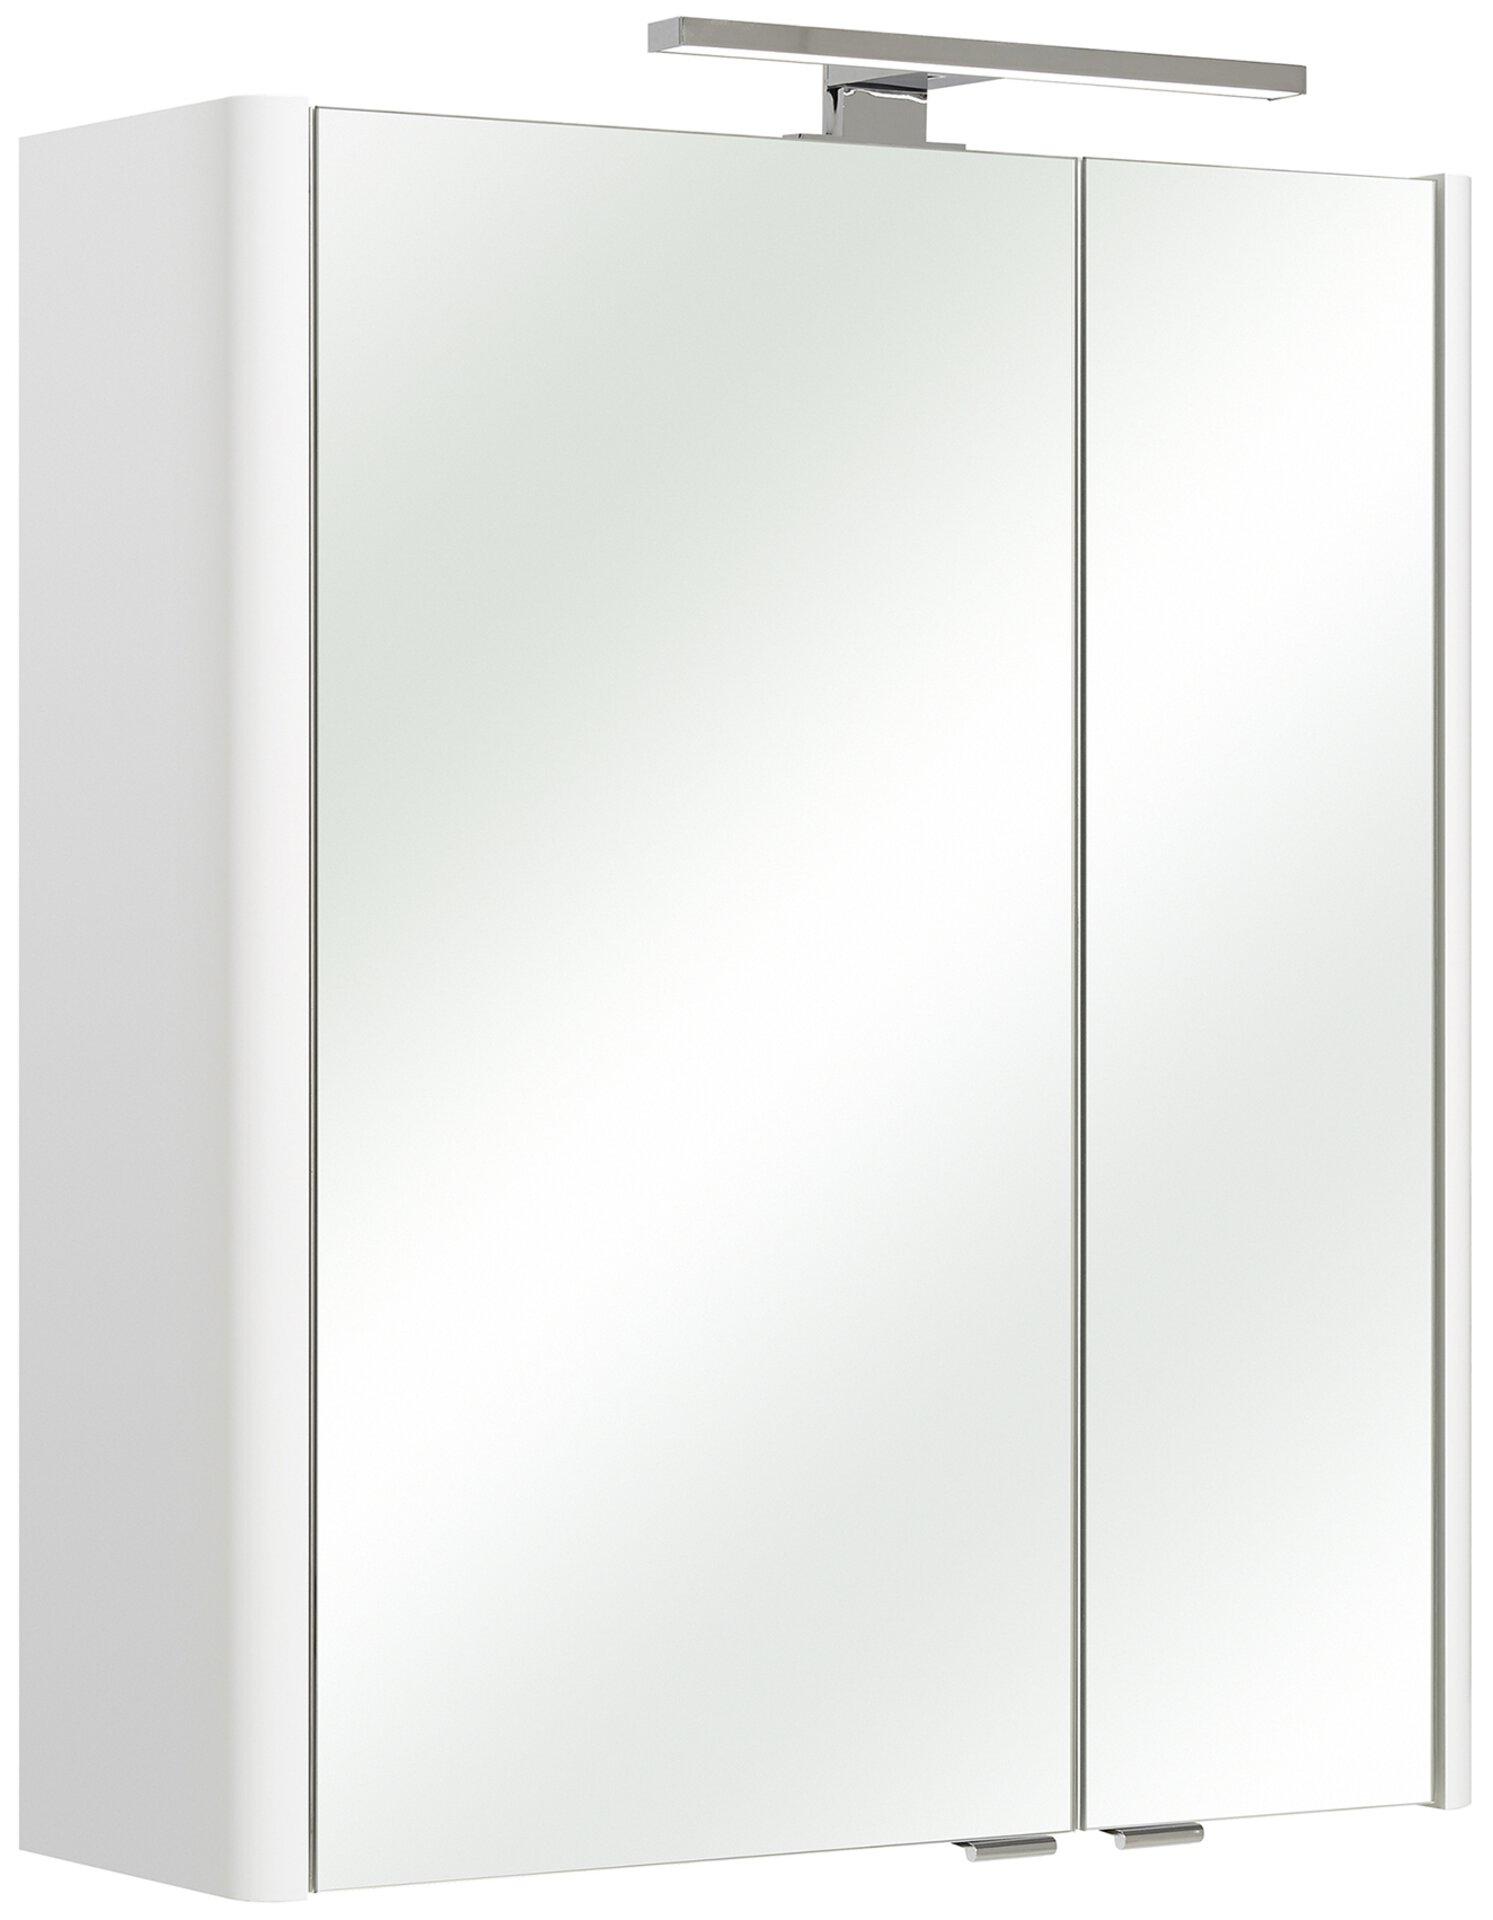 Spiegelschrank Bardi PELIPAL Glas weiß